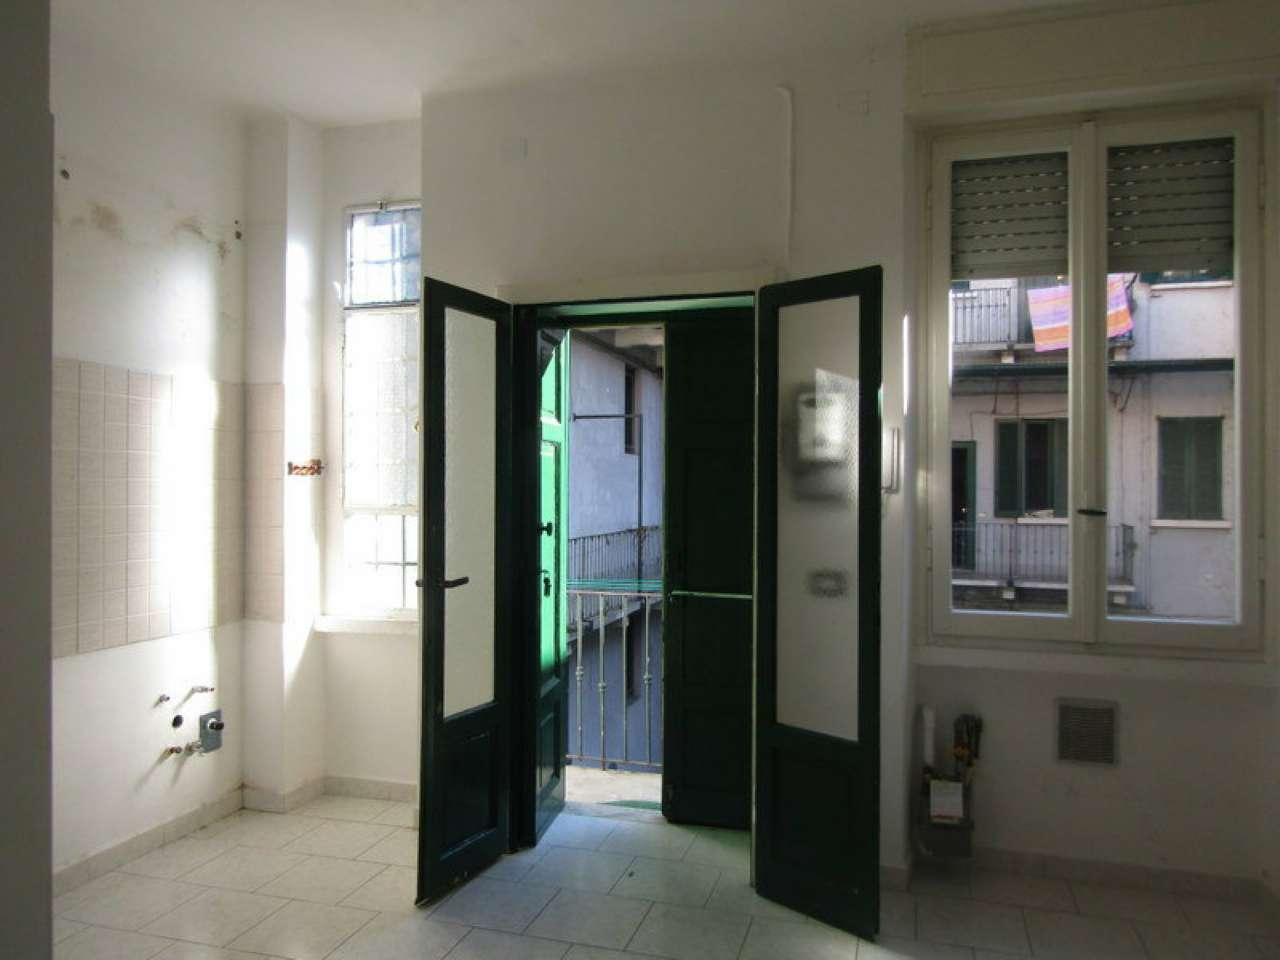 Appartamento in Vendita a Milano 18 Ippodromo / San Siro / Zavattari: 2 locali, 53 mq